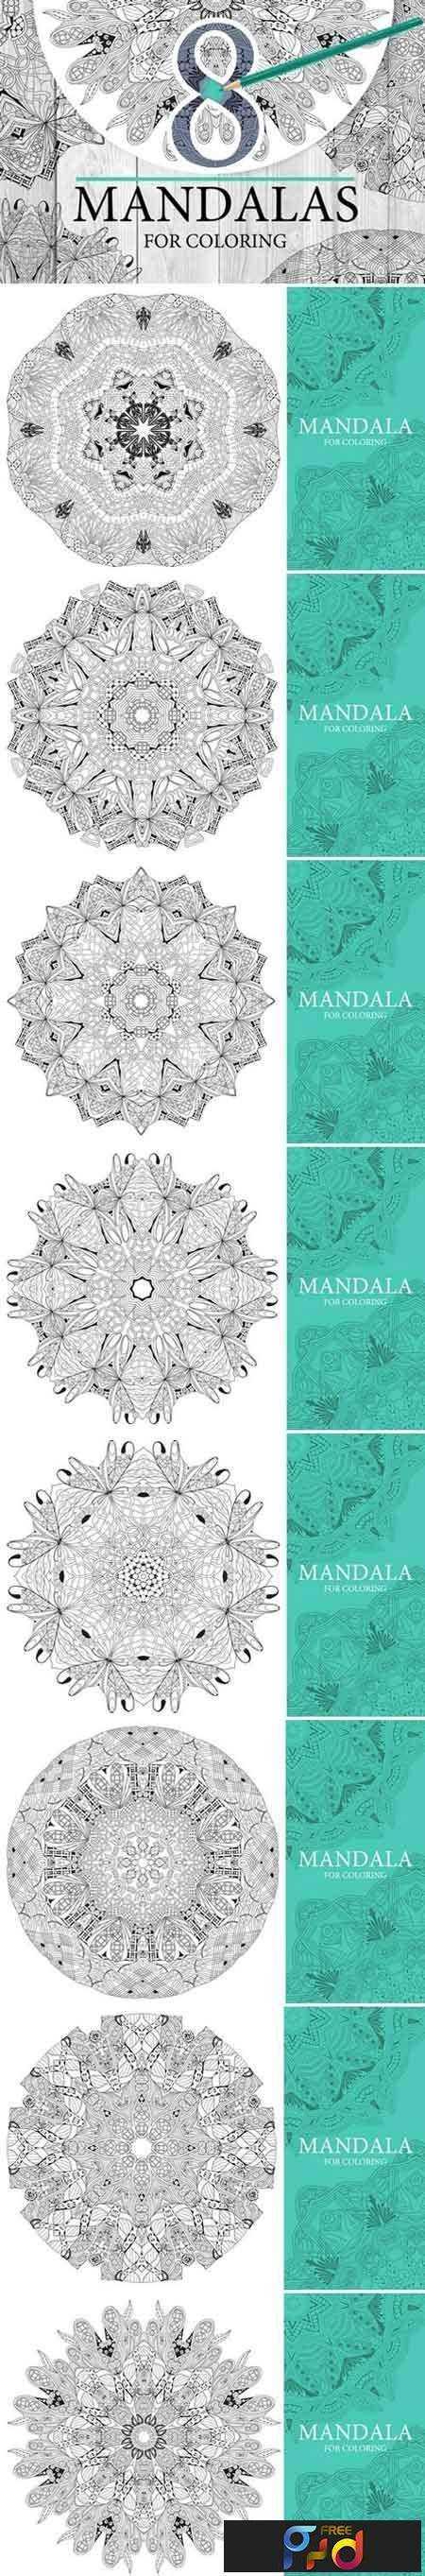 1708056 Mandalas for coloring2 2025266 1